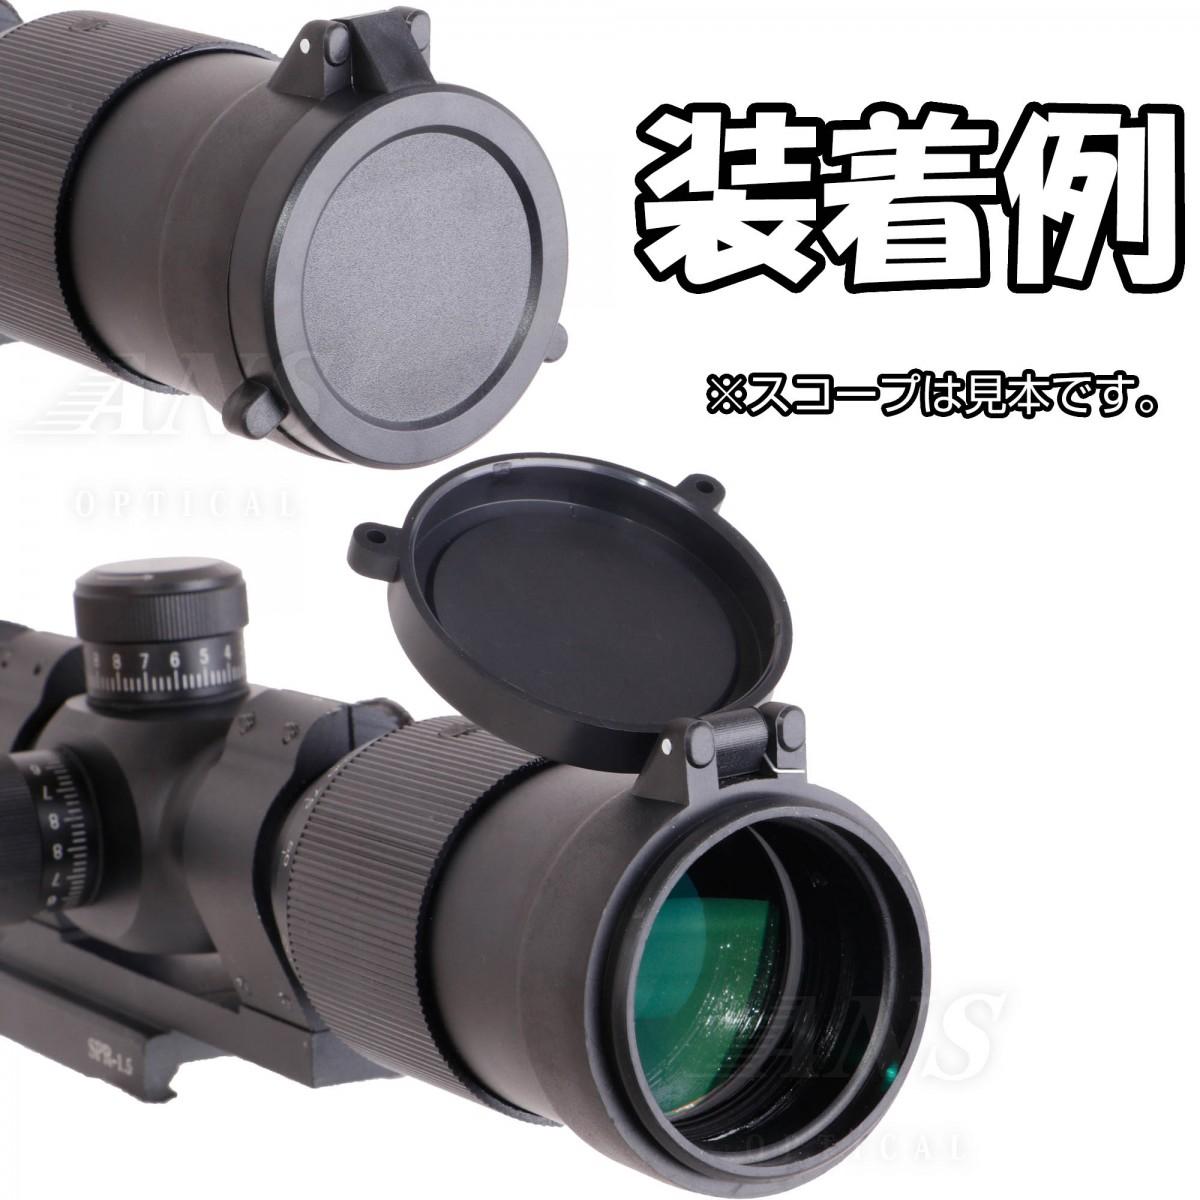 フリップアップ バトラーキャップ スコープカバー 内径47mm/39mm 2個セット